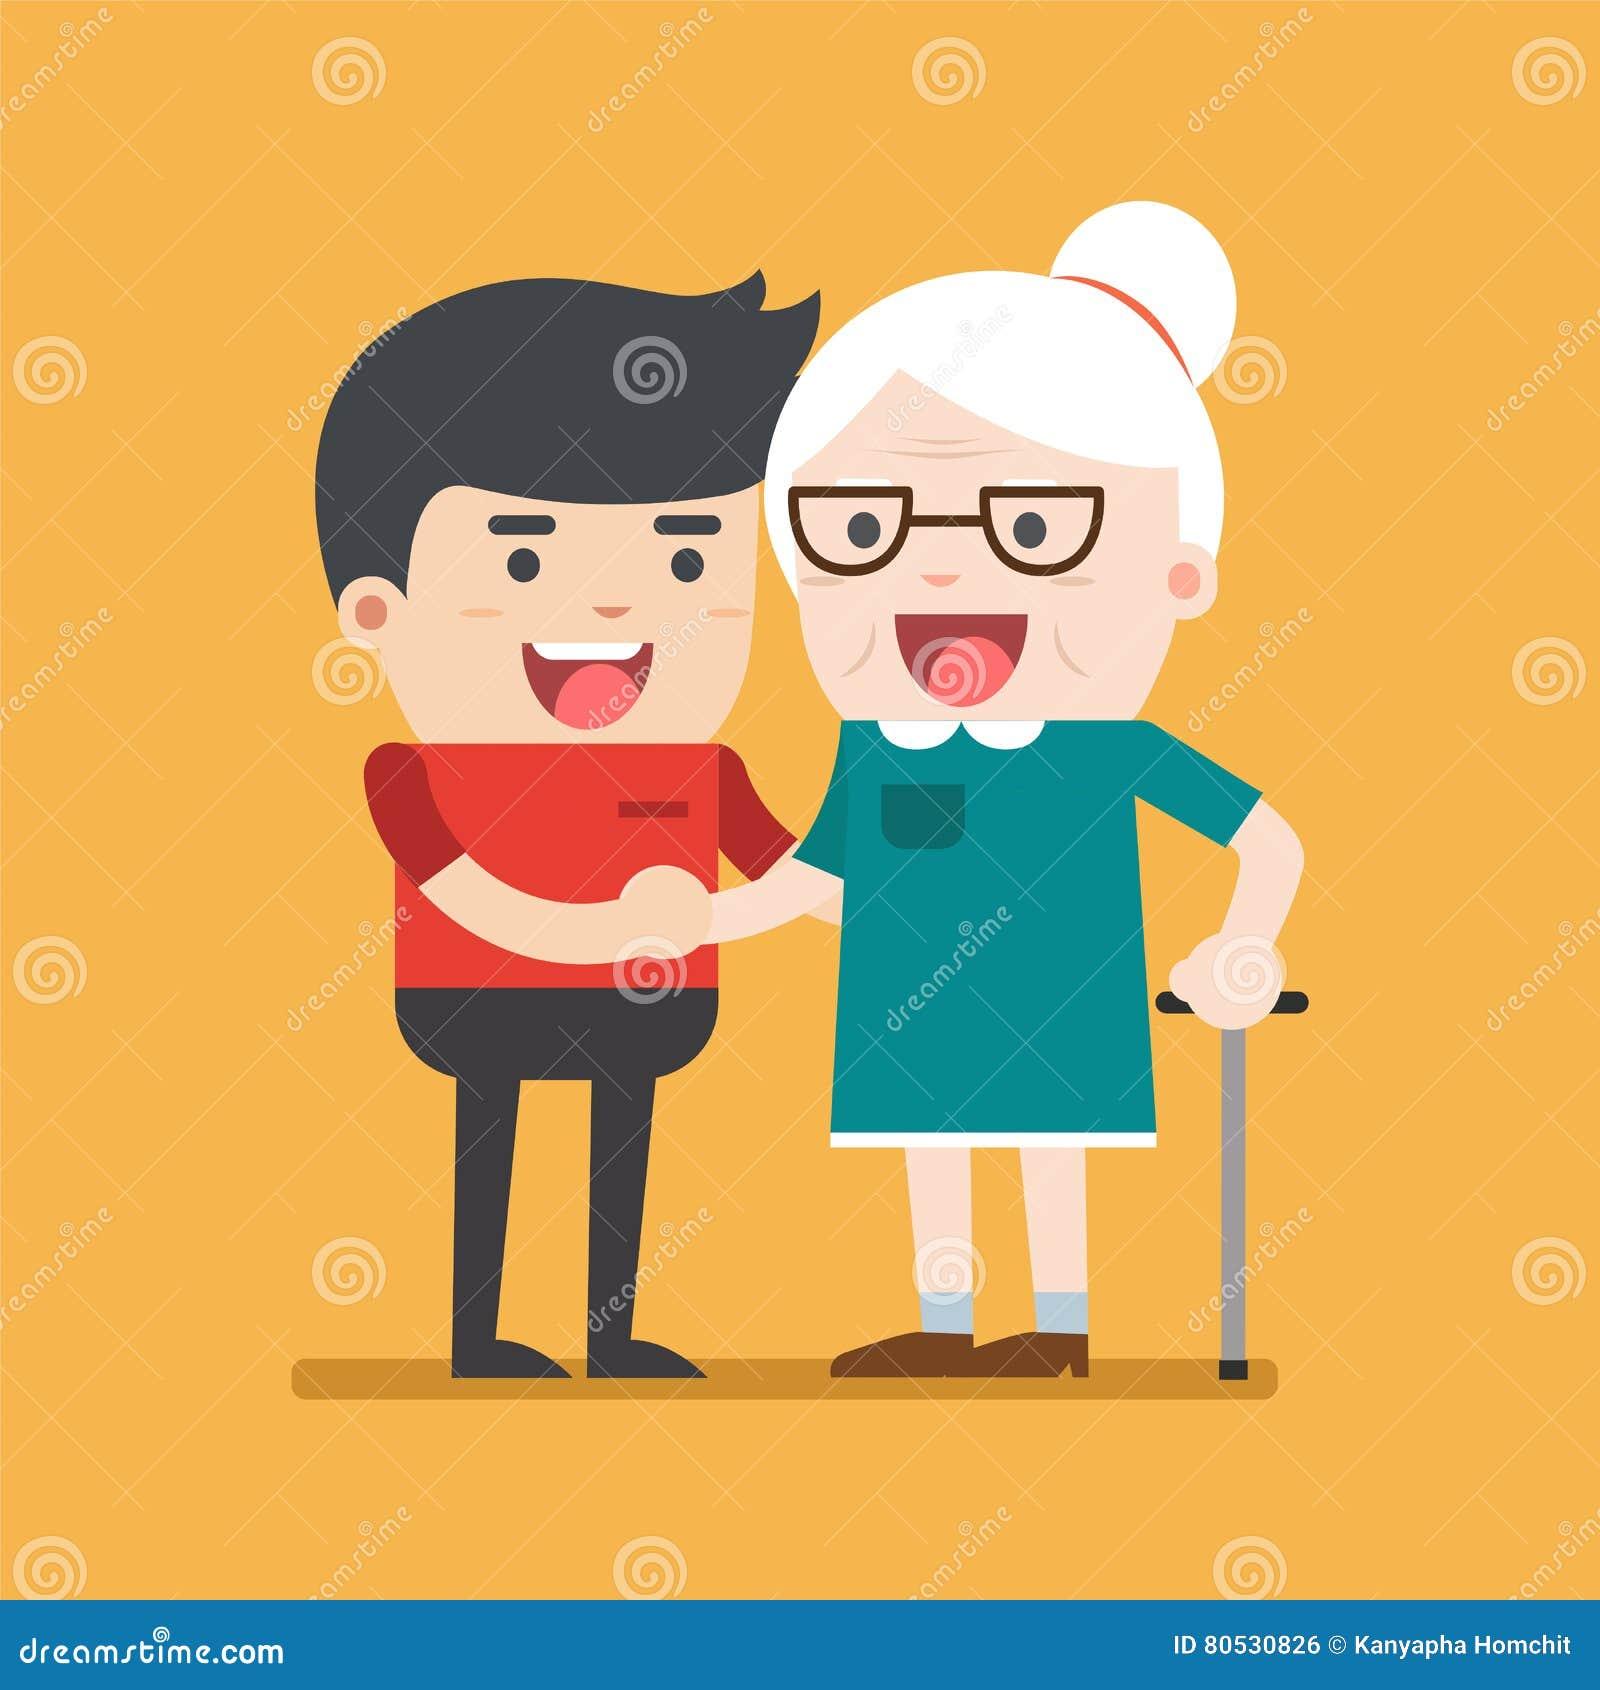 Illustrationen av barn ställa upp som frivillig mannen som att bry sig för äldre kvinna